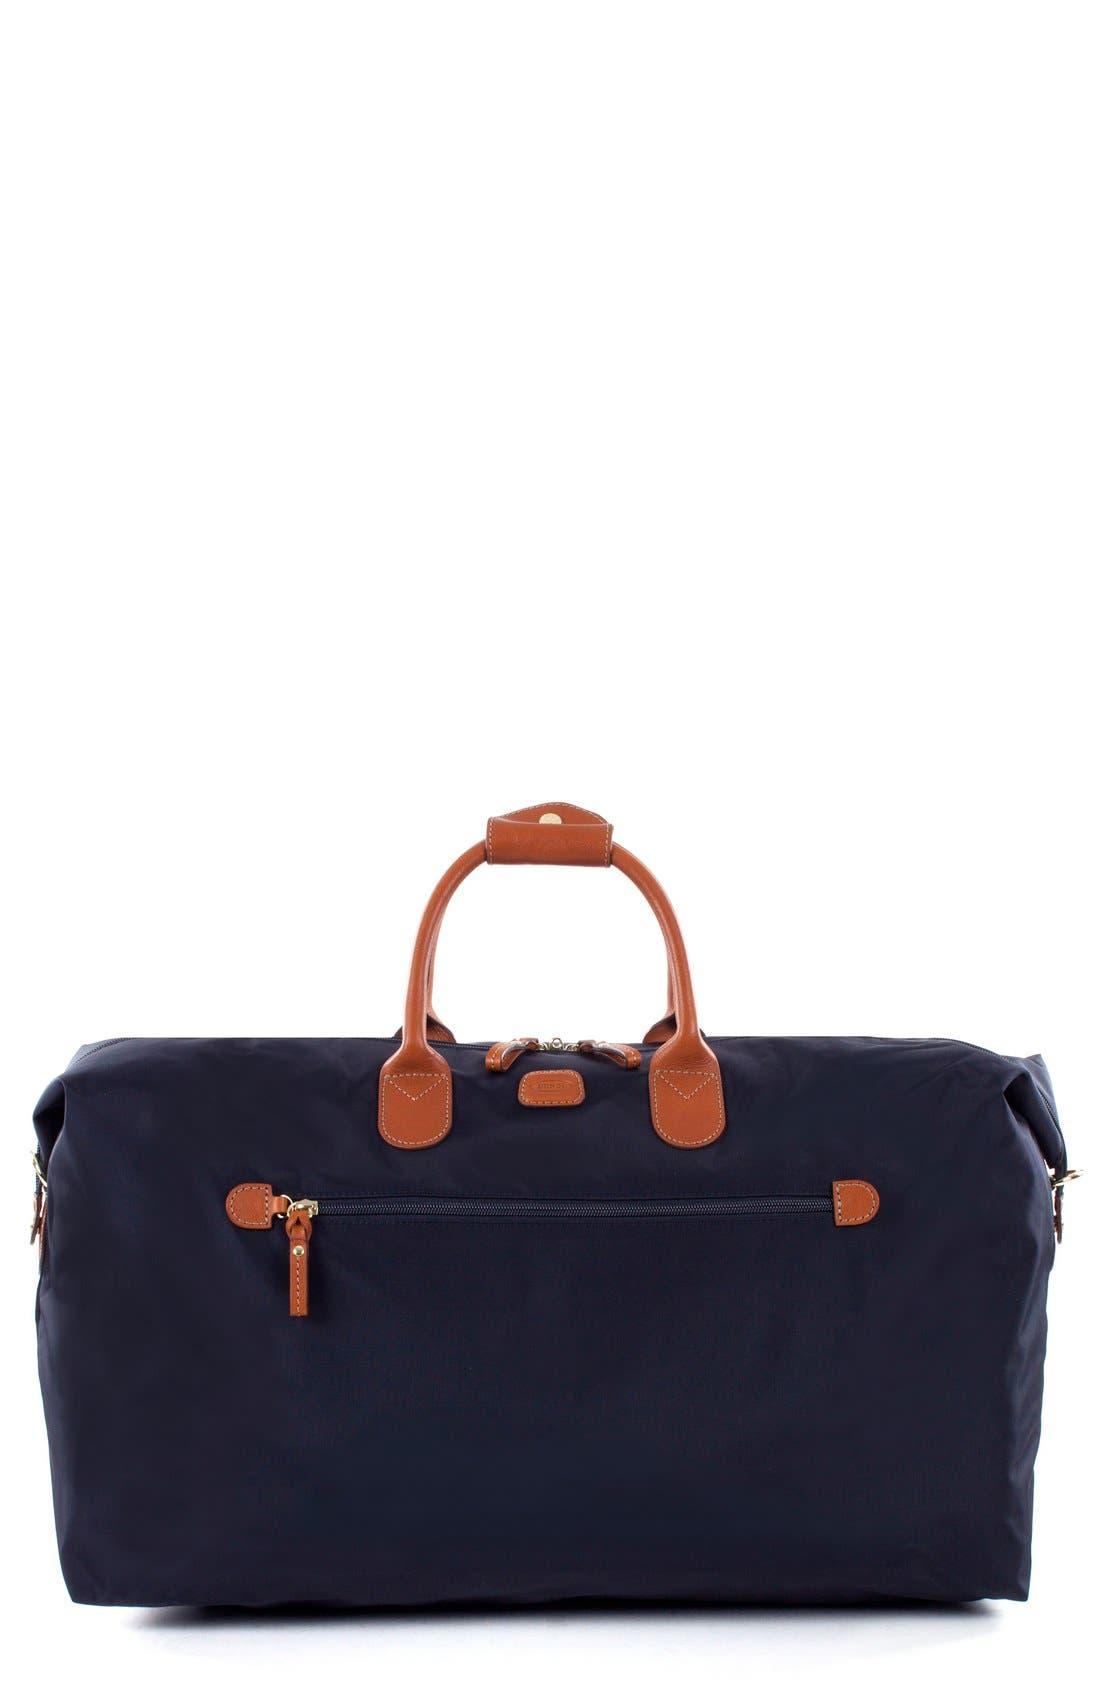 'X-Bag Deluxe' Duffel Bag,                             Main thumbnail 3, color,